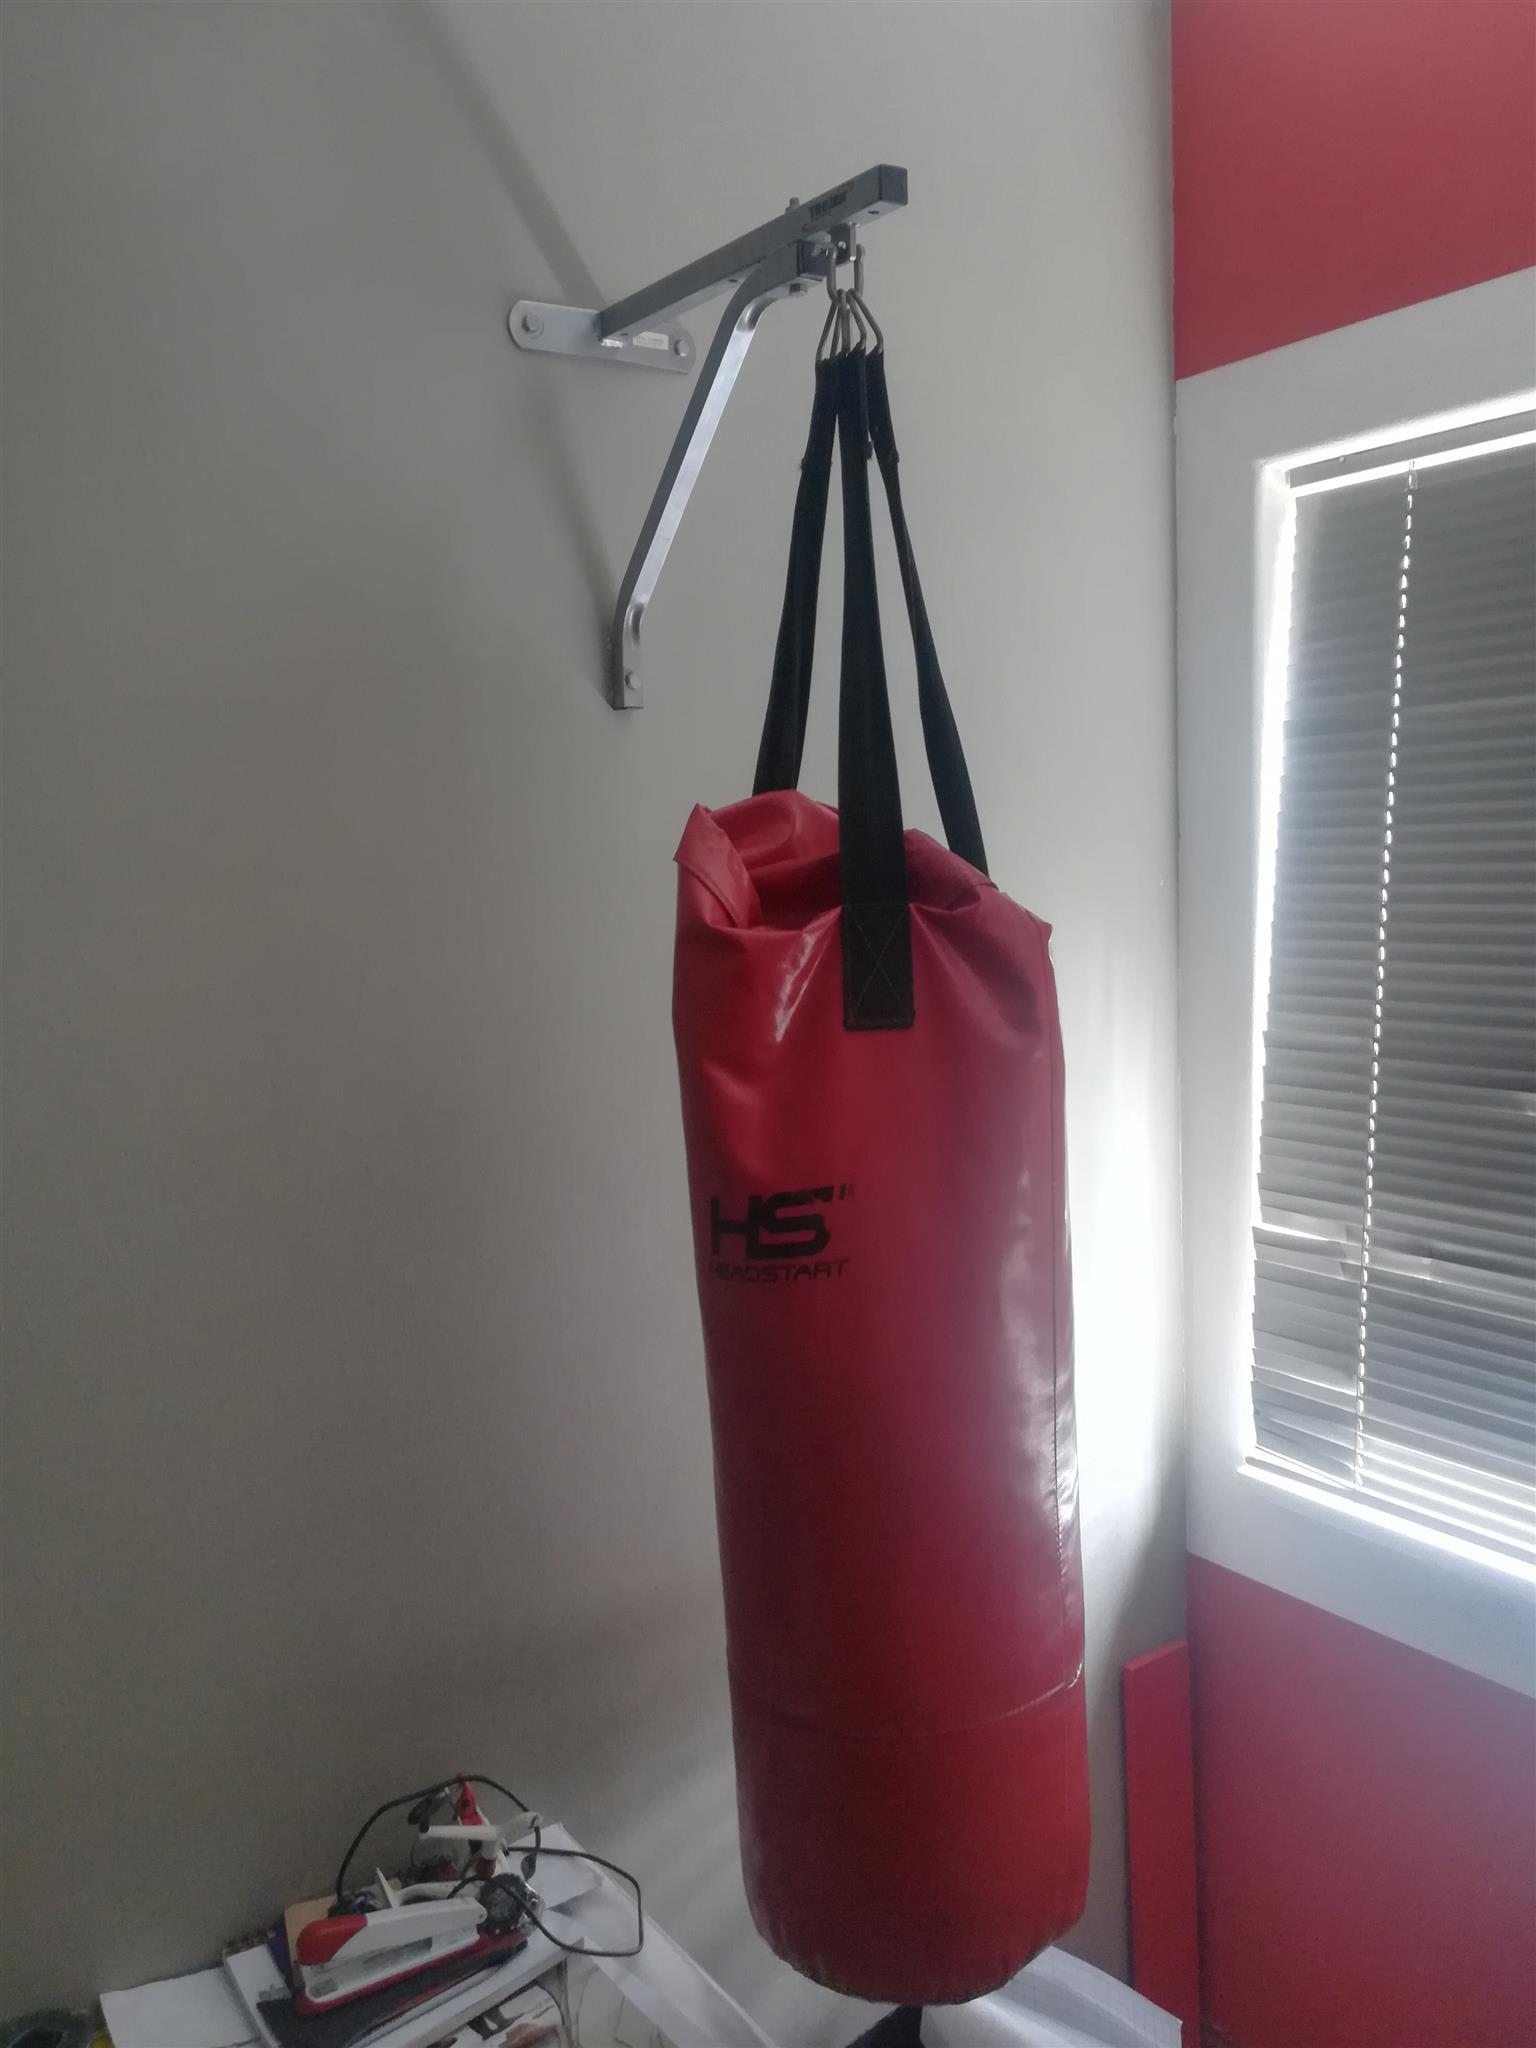 Punching bag and bracket